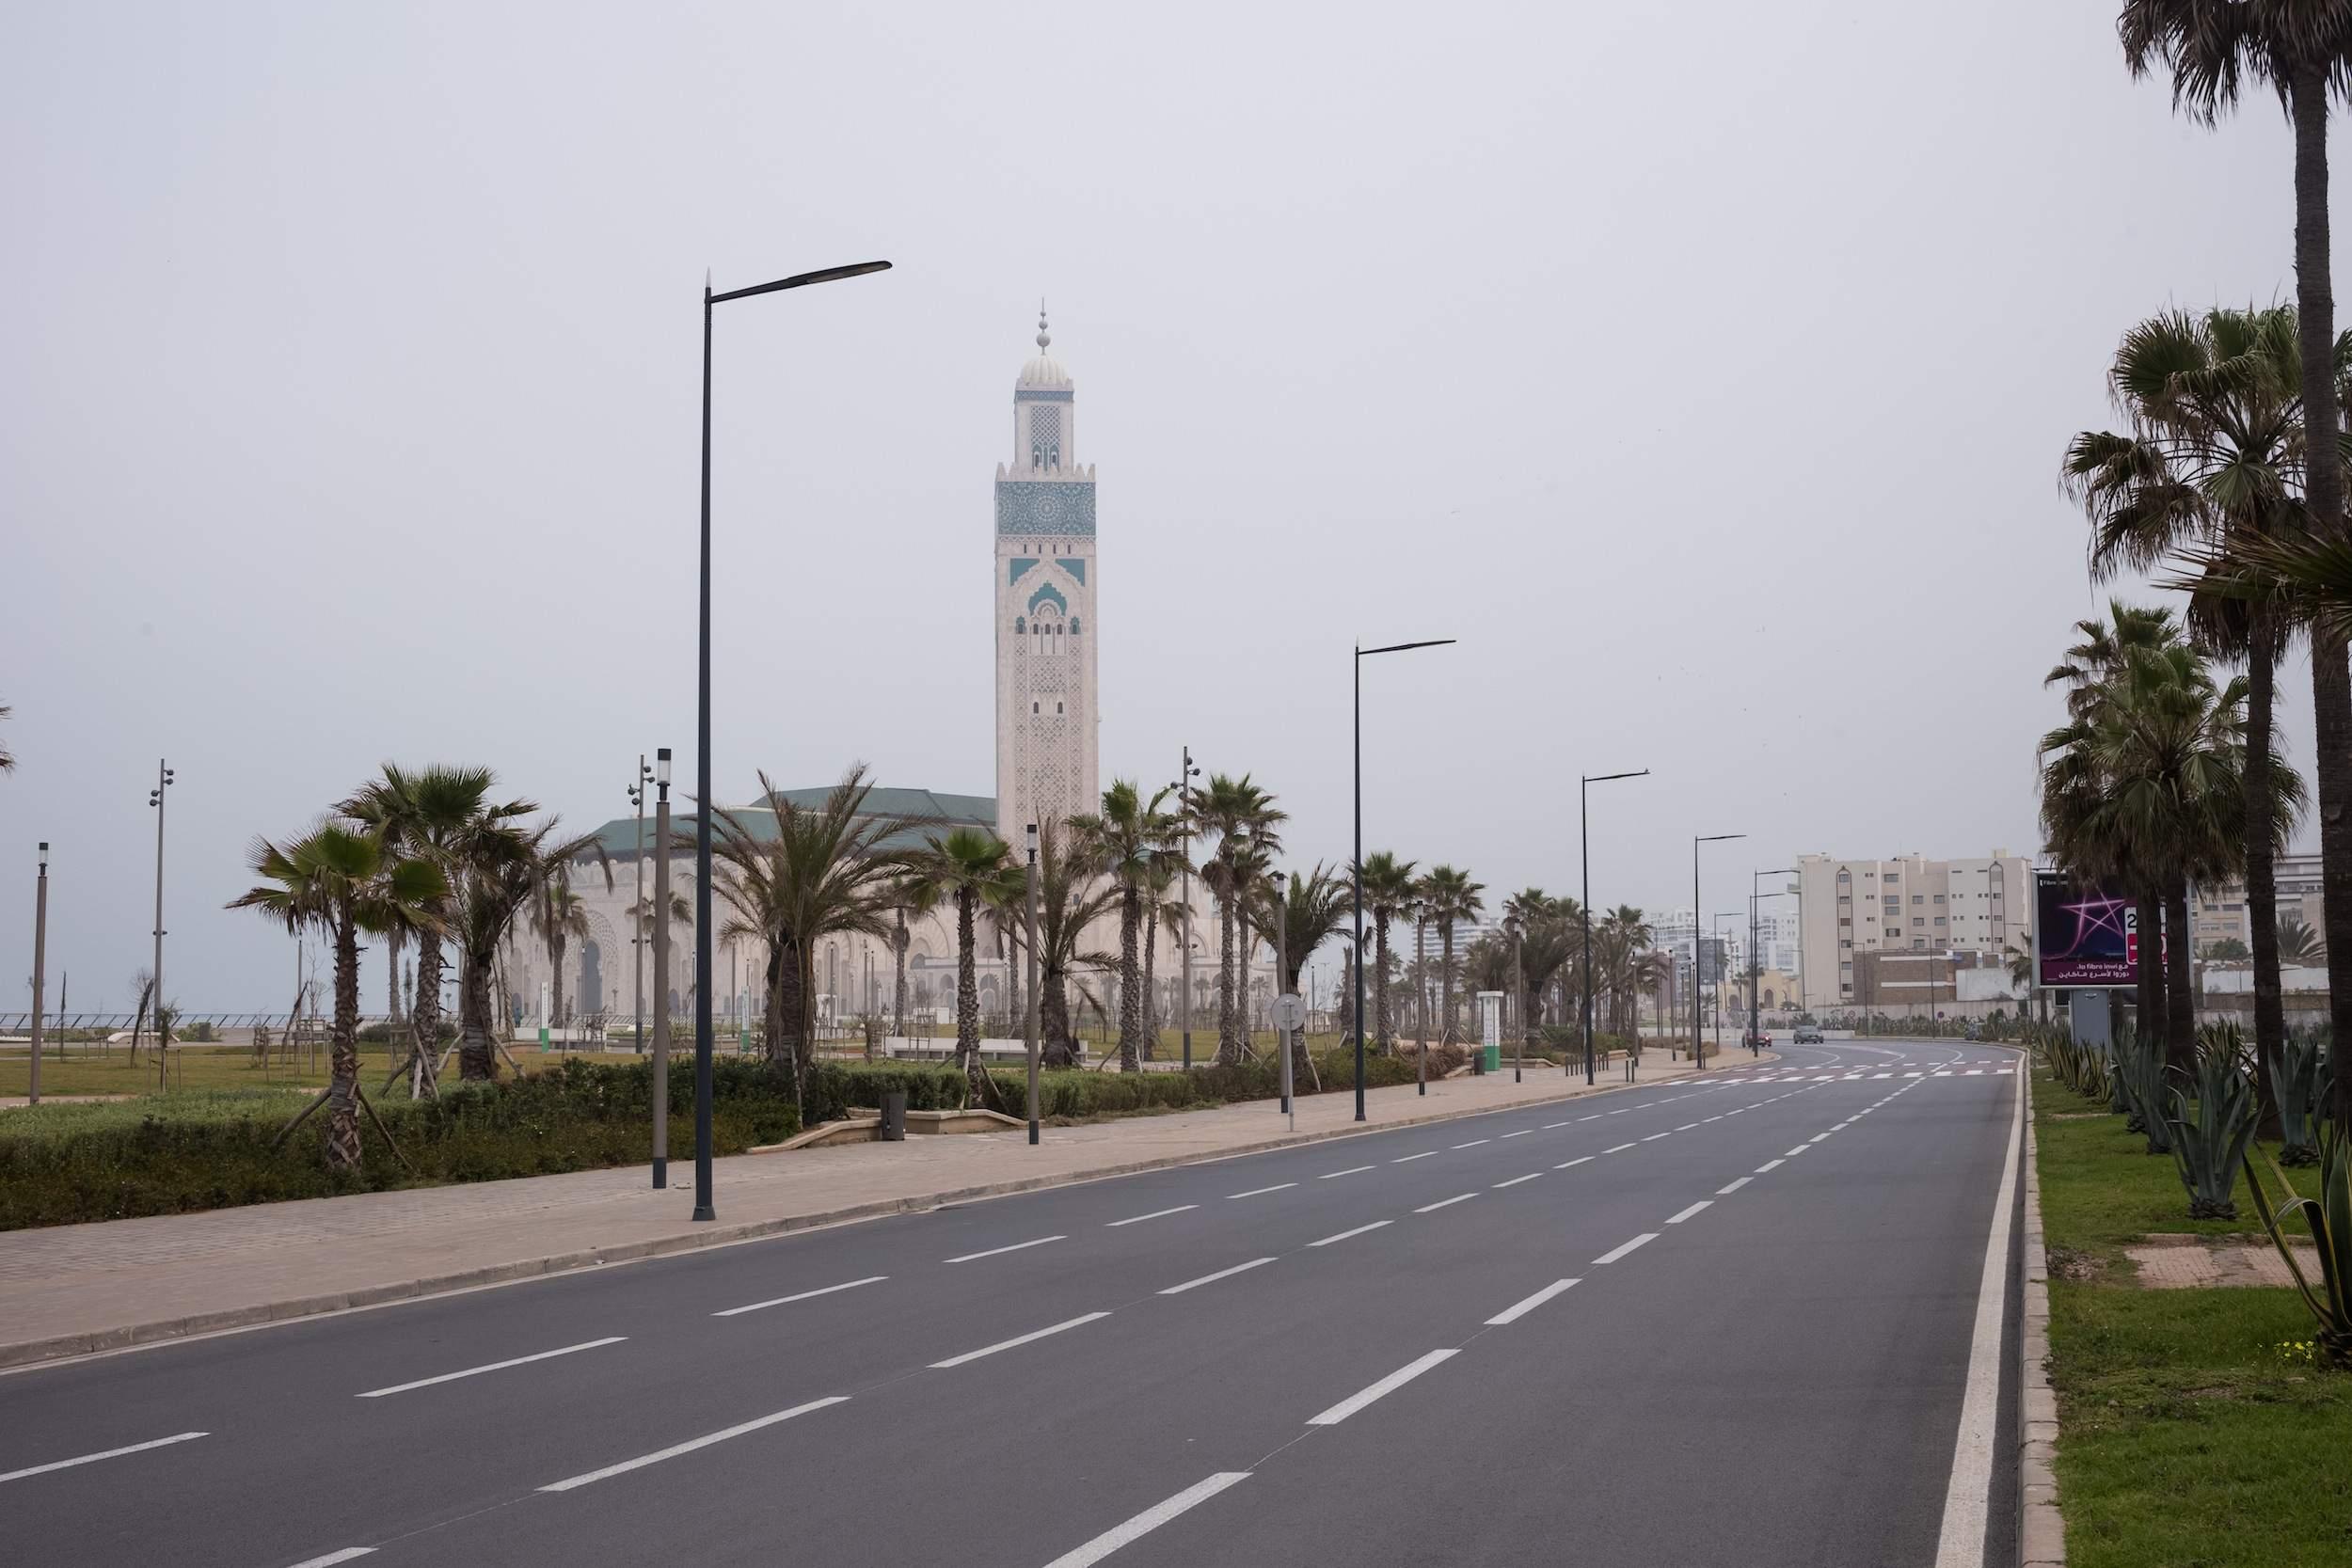 Fait inédit au Maroc, les Imams appellent les fidèles à rester chez eux et non à se rendre dans les